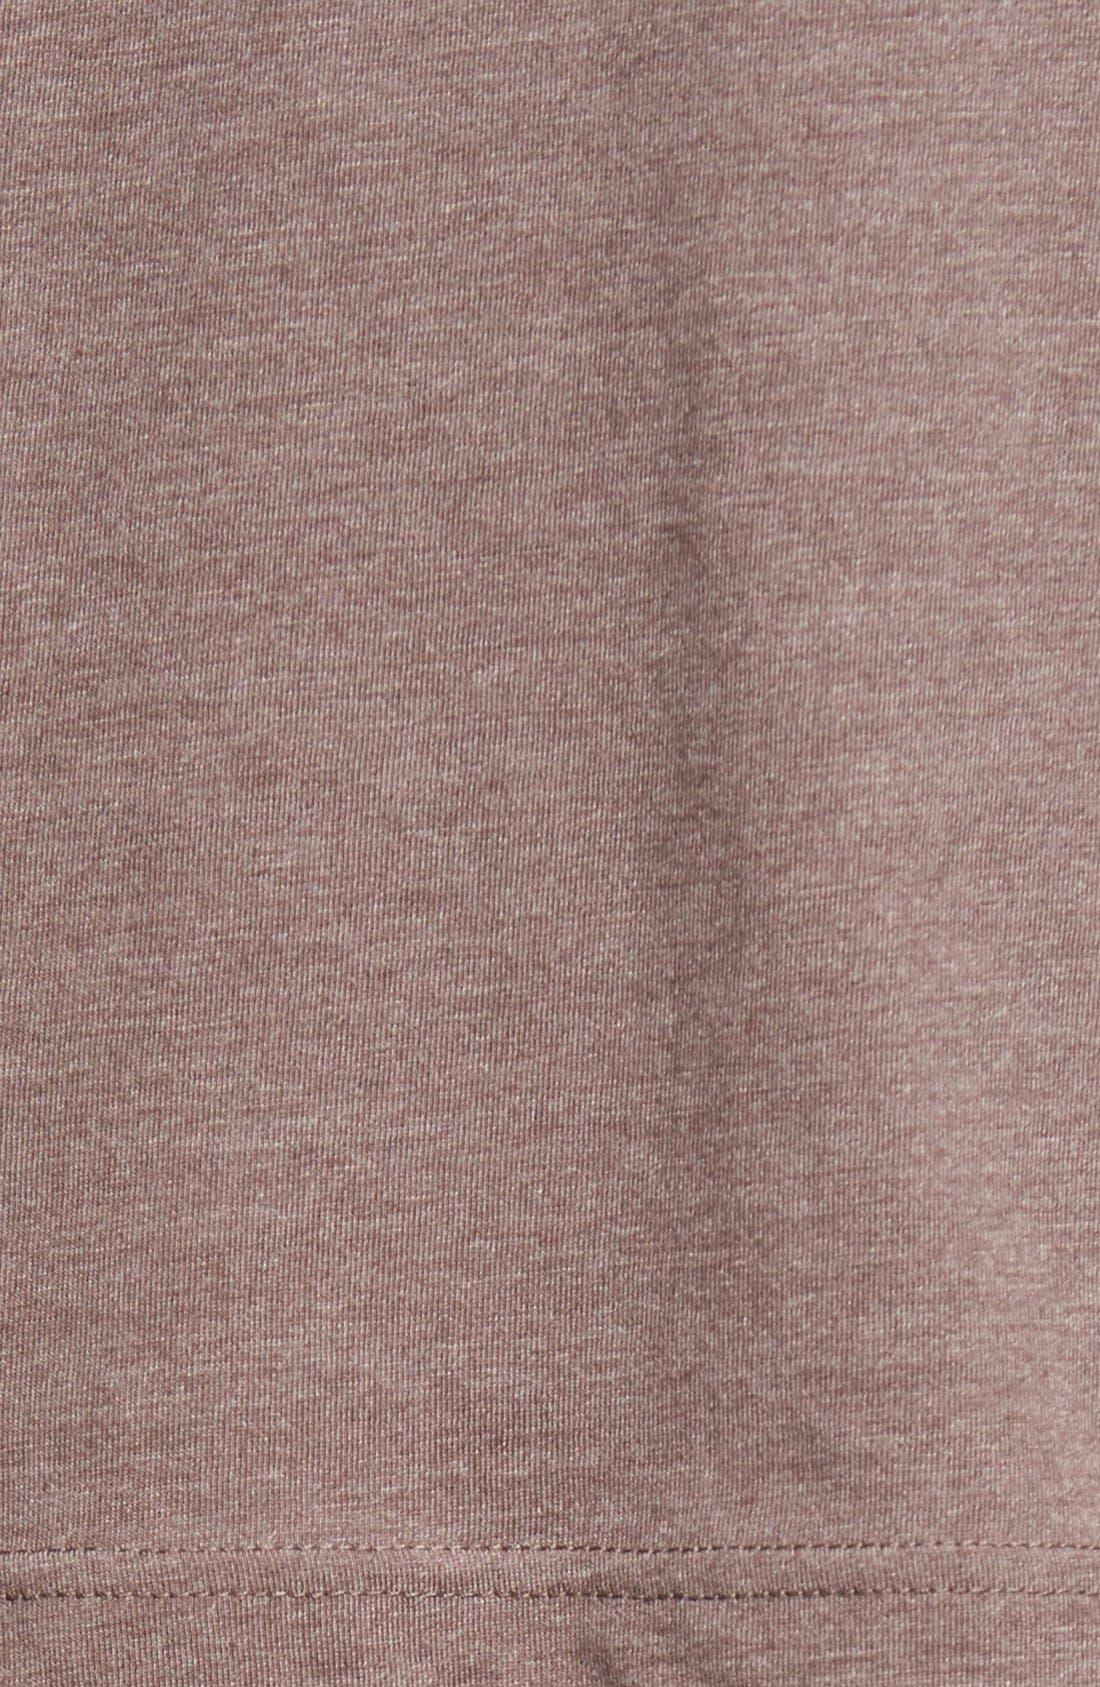 Alternate Image 5  - Majestic International T-Shirt & Lounge Pants